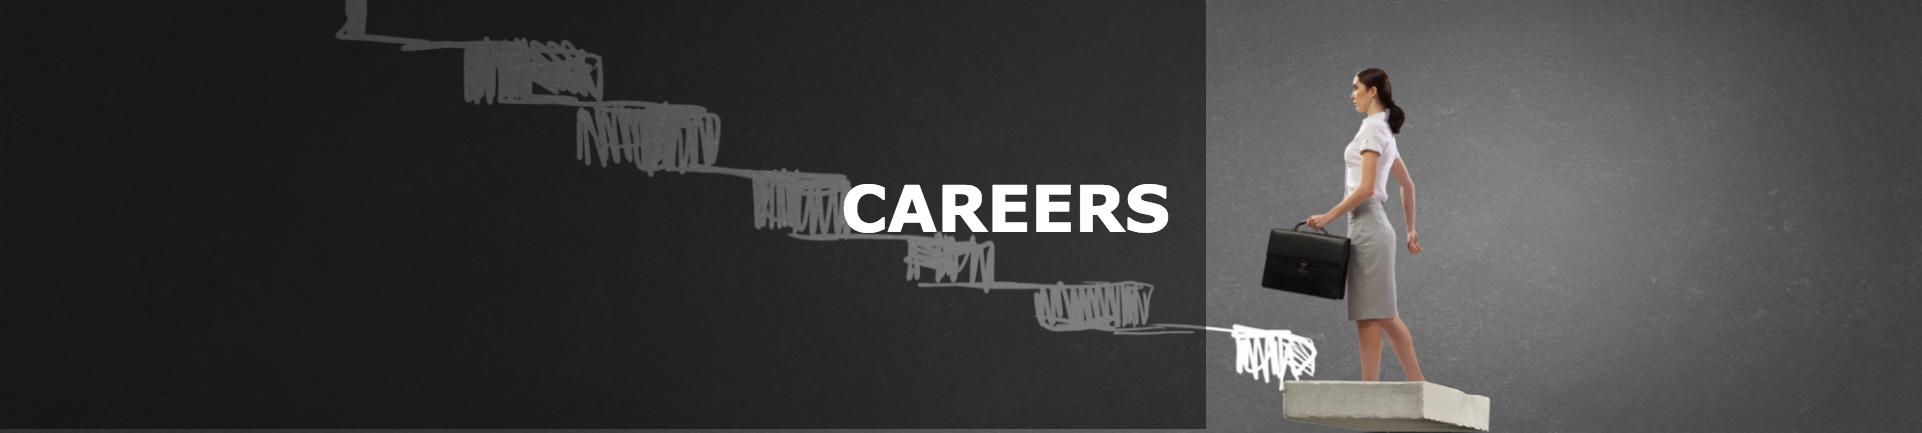 ustaxiq-career